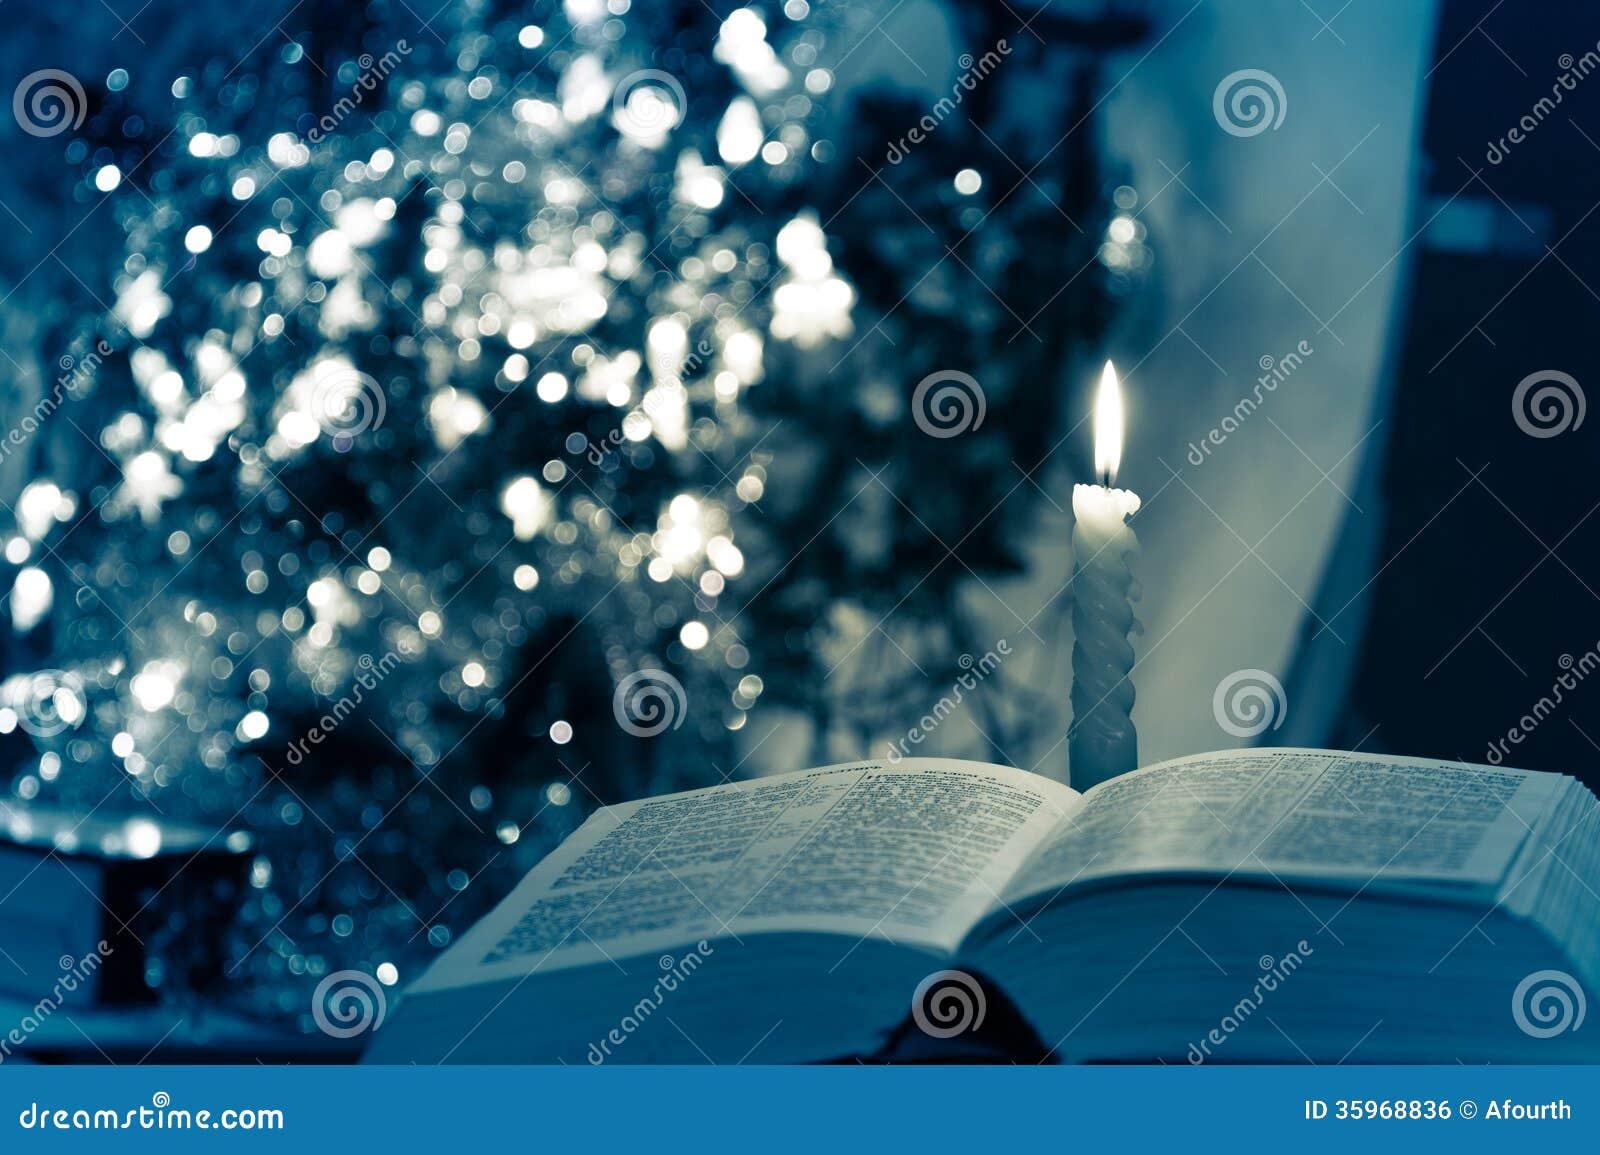 Sagrada Biblia con la vela en bokeh